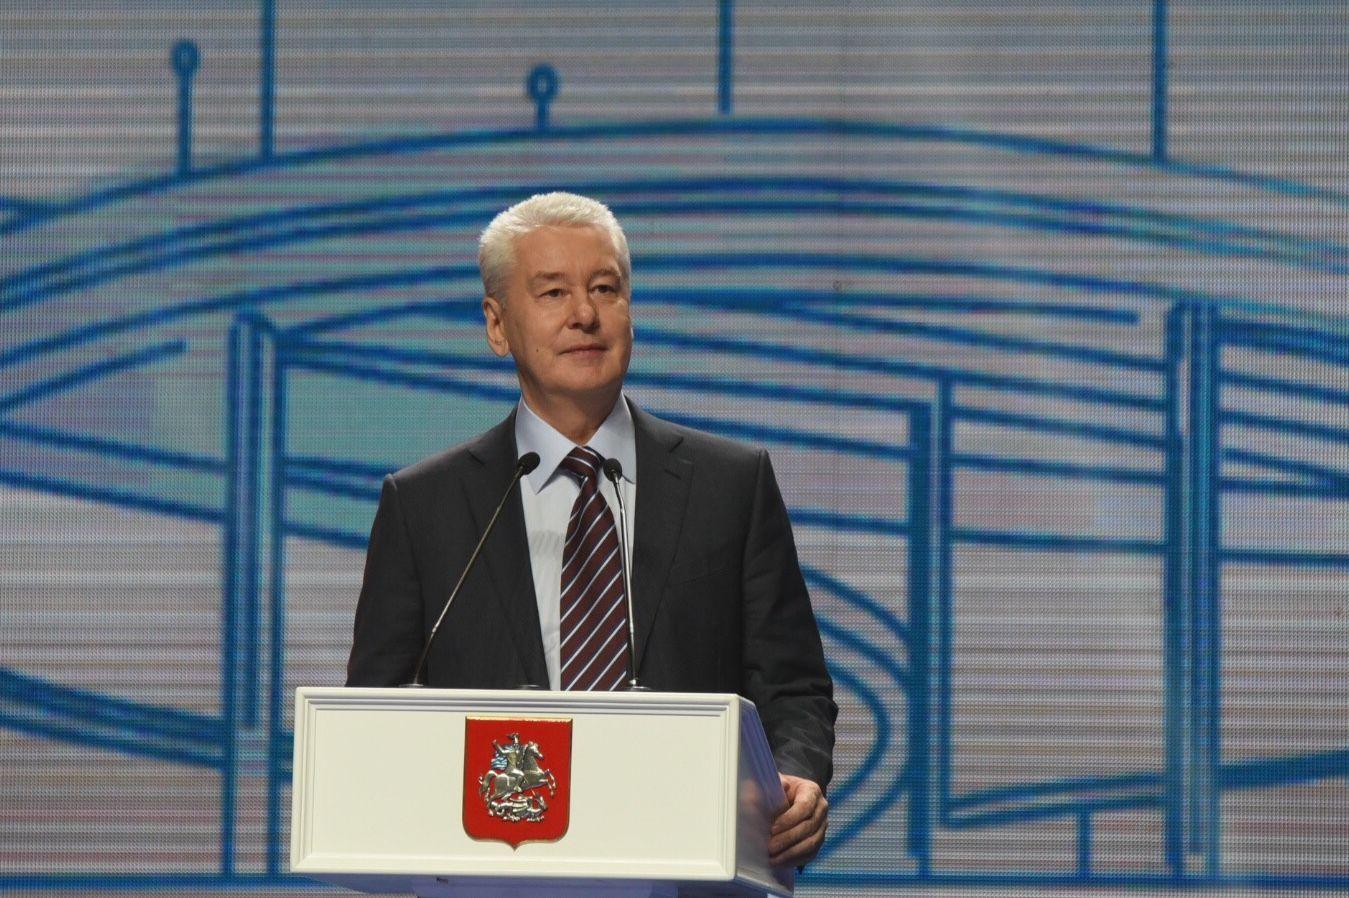 Сергей Собянин рассказал о взрывном спросе на прокат авто, велосипедов и самокатов в Москве